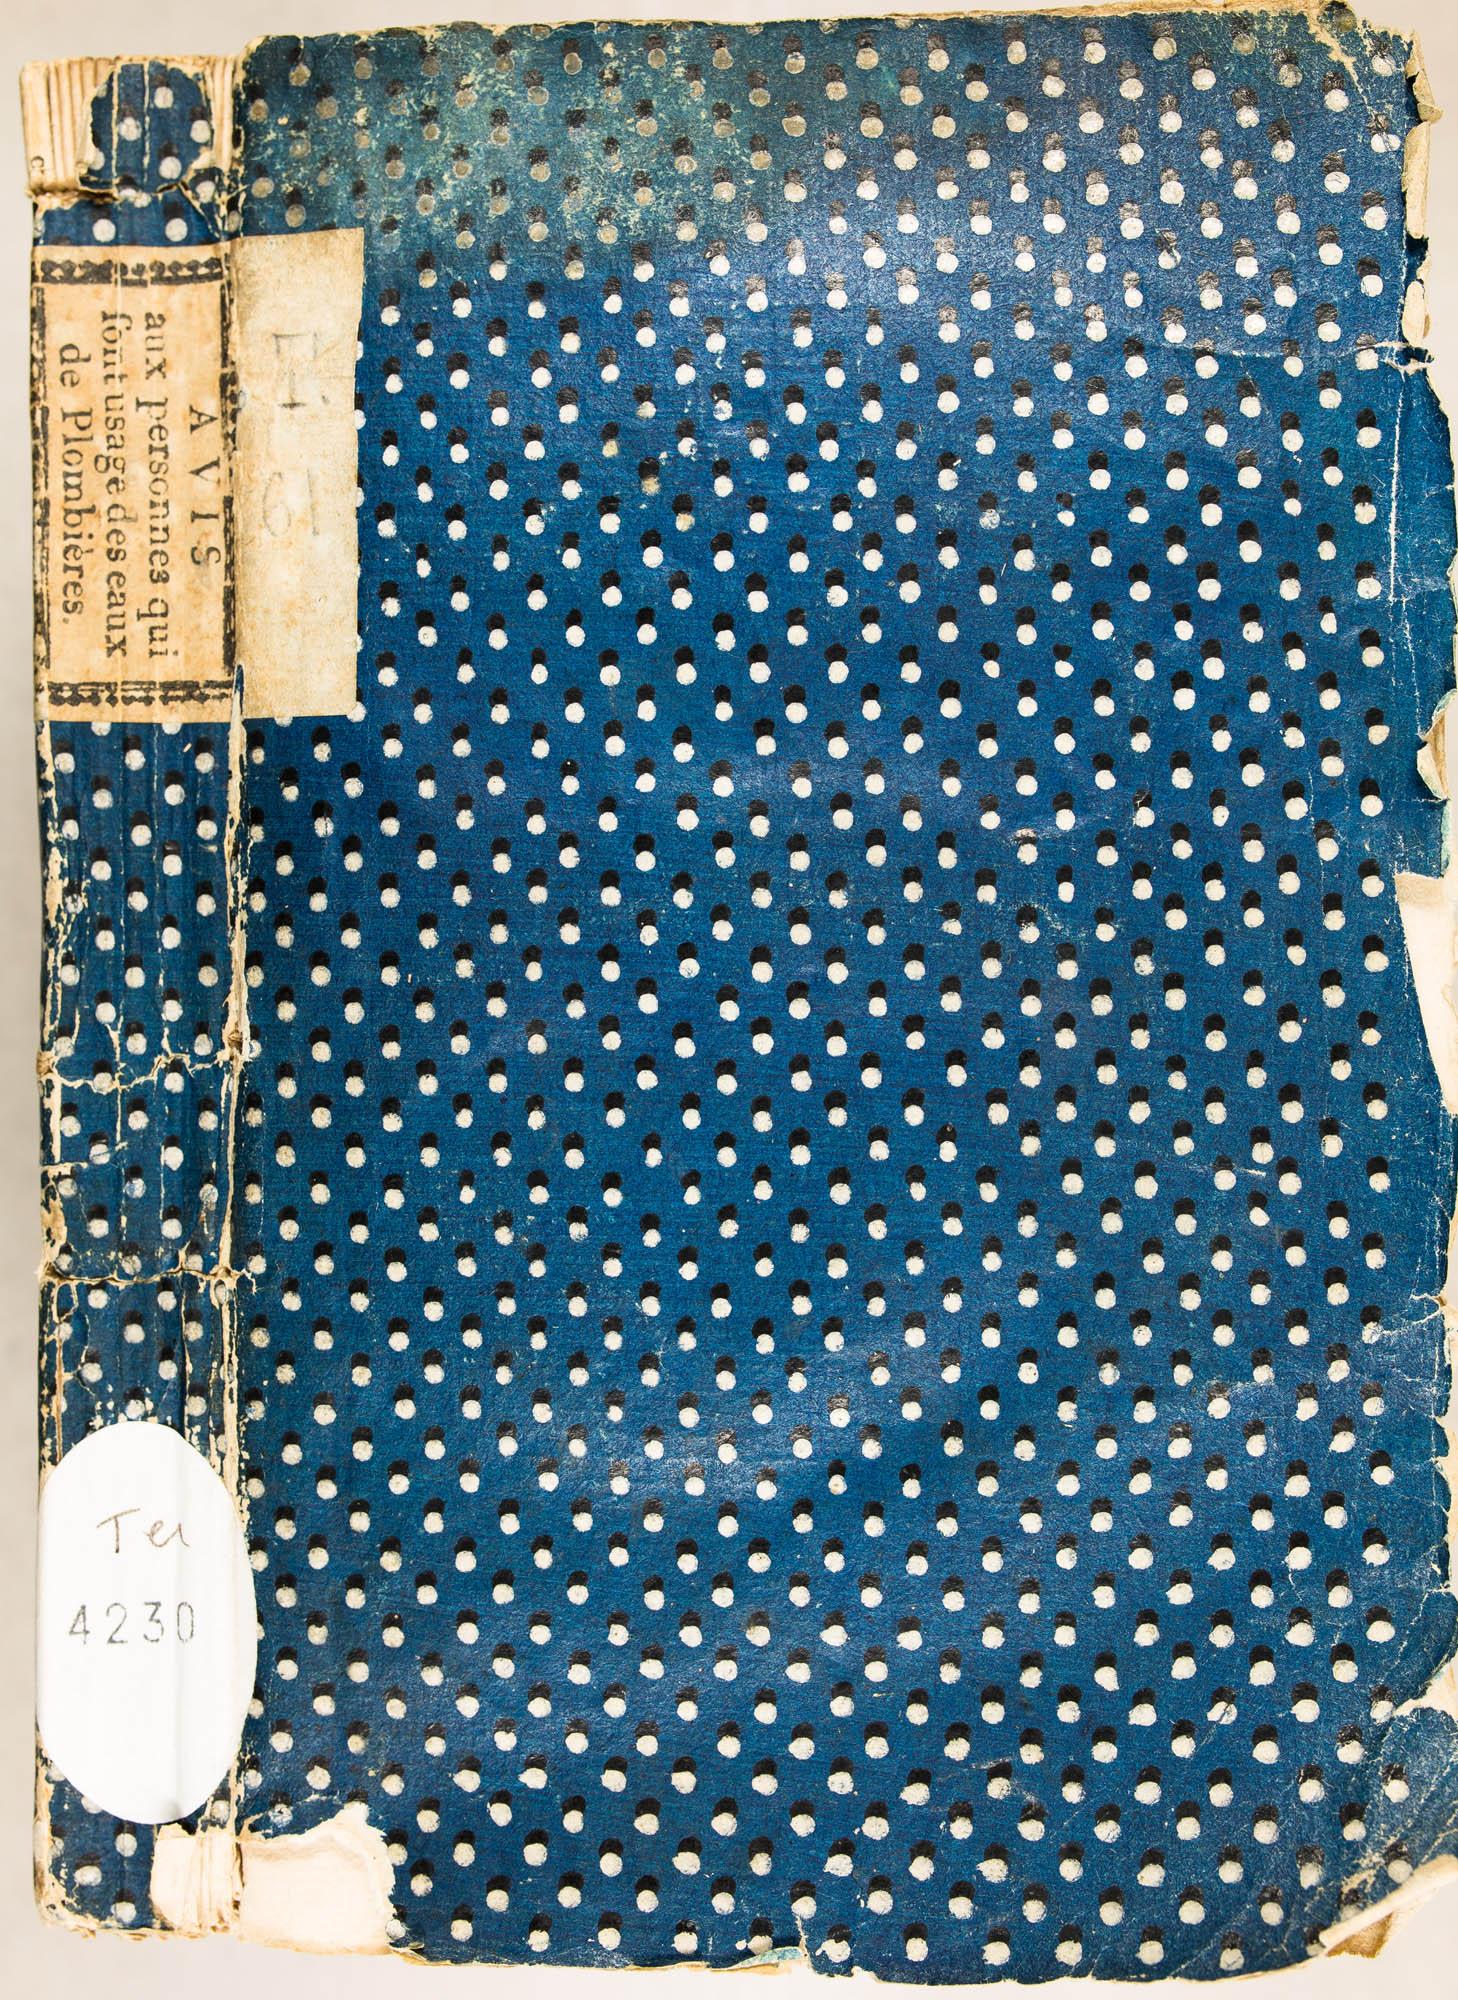 Pièce de titre imprimée à Bruyère par la Veuve Vivot, 1782